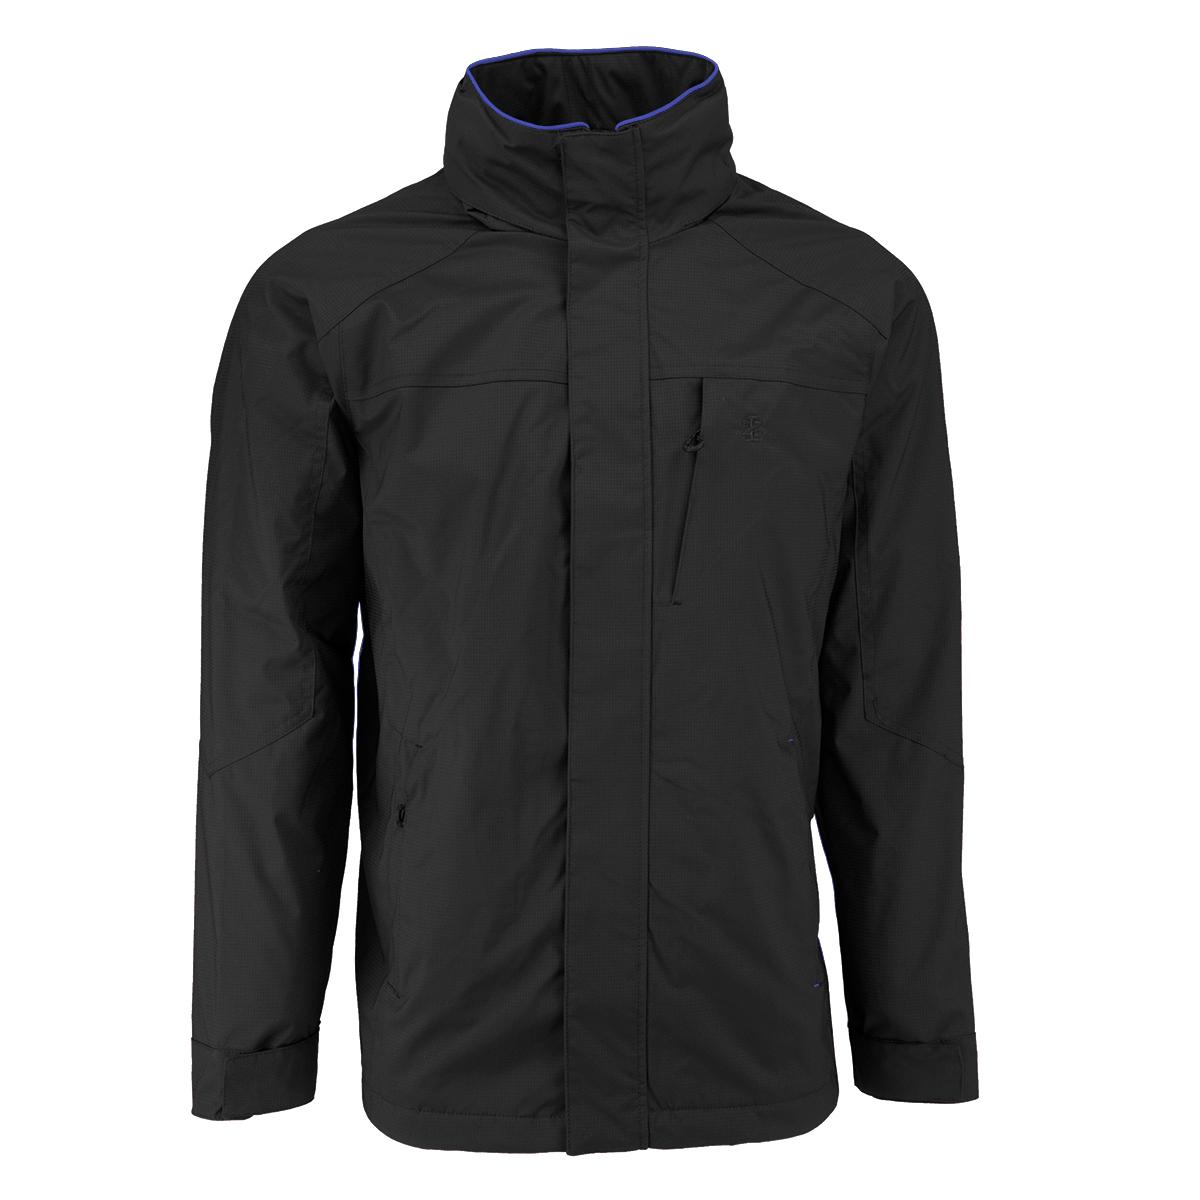 IZOD-Men-039-s-Midweight-Polar-Fleece-Lined-Jacket thumbnail 5